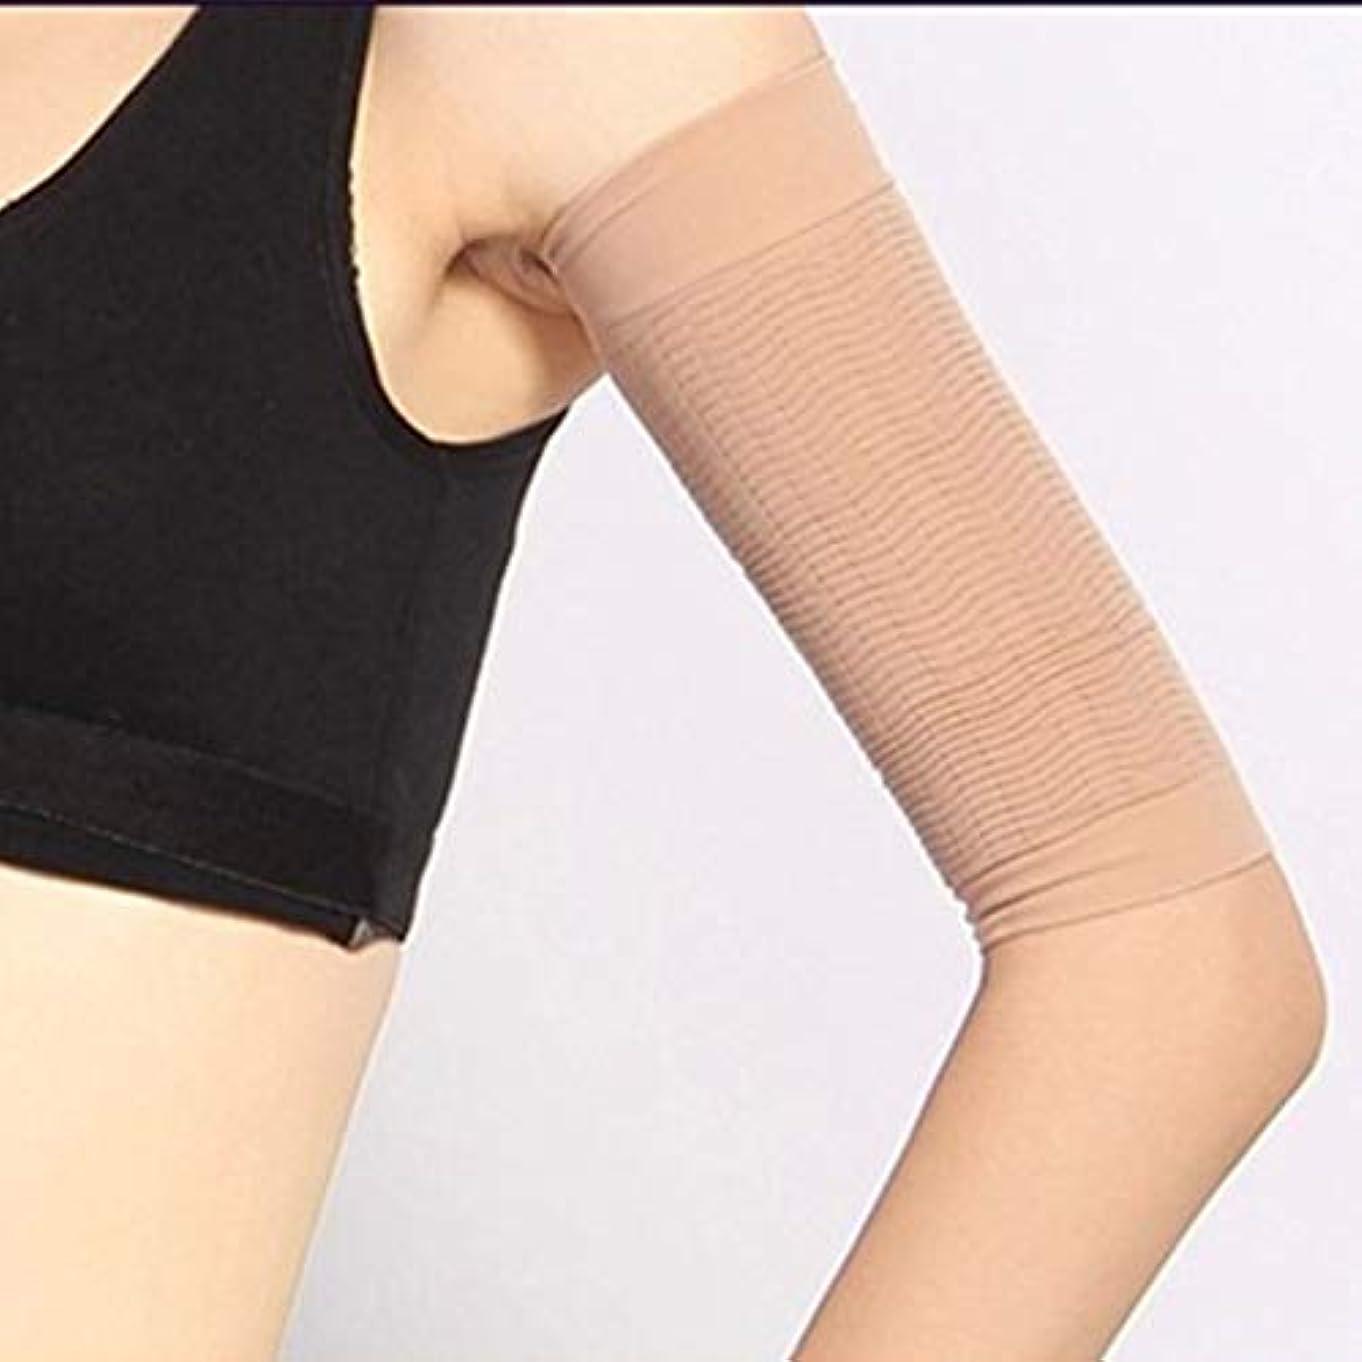 用心するお勧め可動式1ペア420 D圧縮痩身アームスリーブワークアウトトーニングバーンセルライトシェイパー脂肪燃焼袖用女性 - 肌色